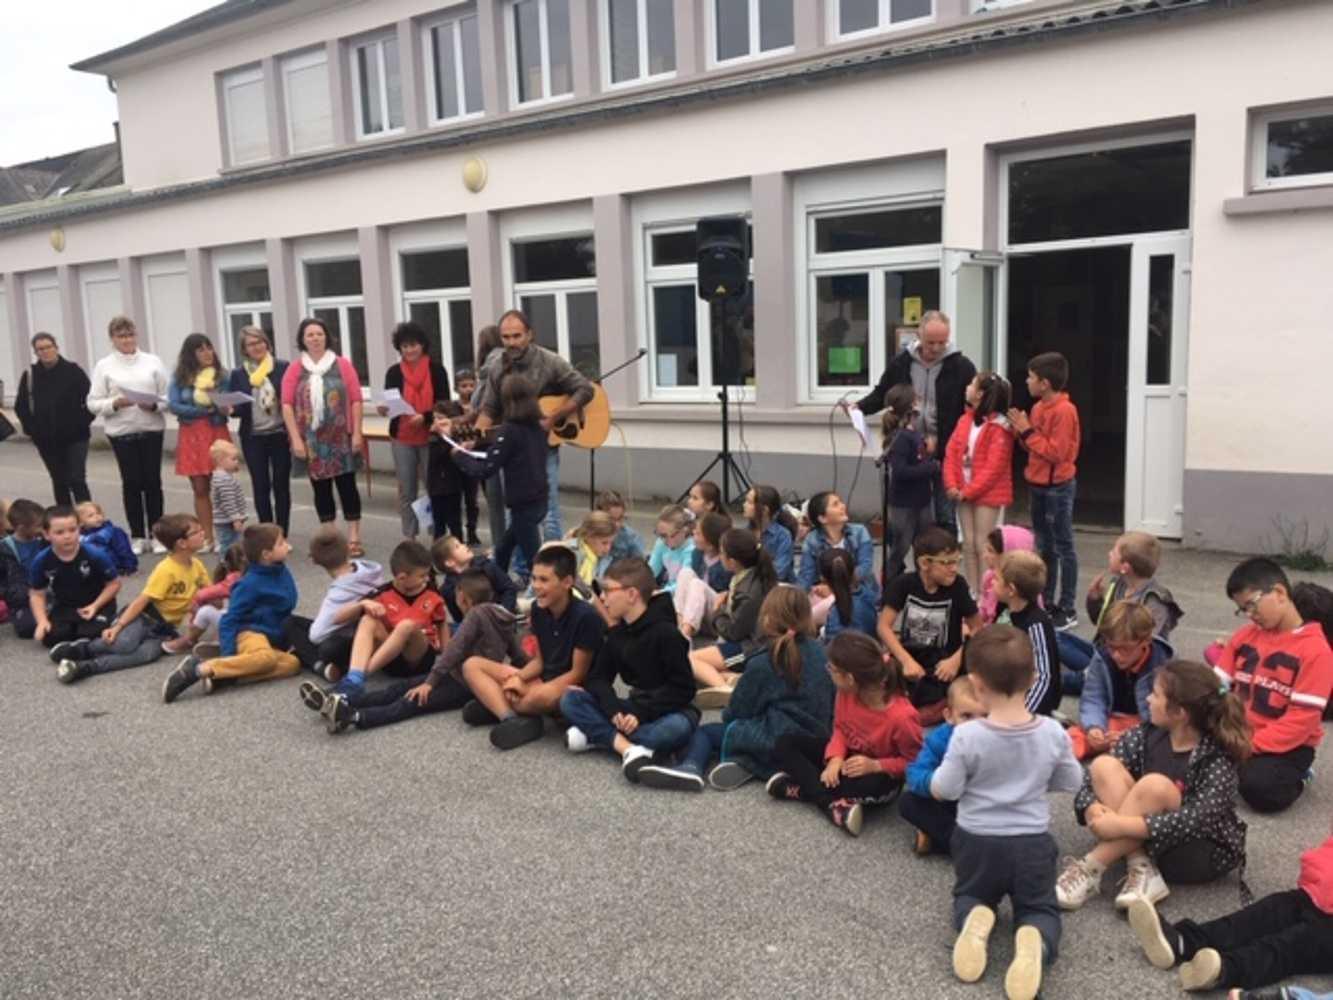 Ecole Saint-Pierre et Collège Saint-Joseph - Photos du pot de rentrée 0